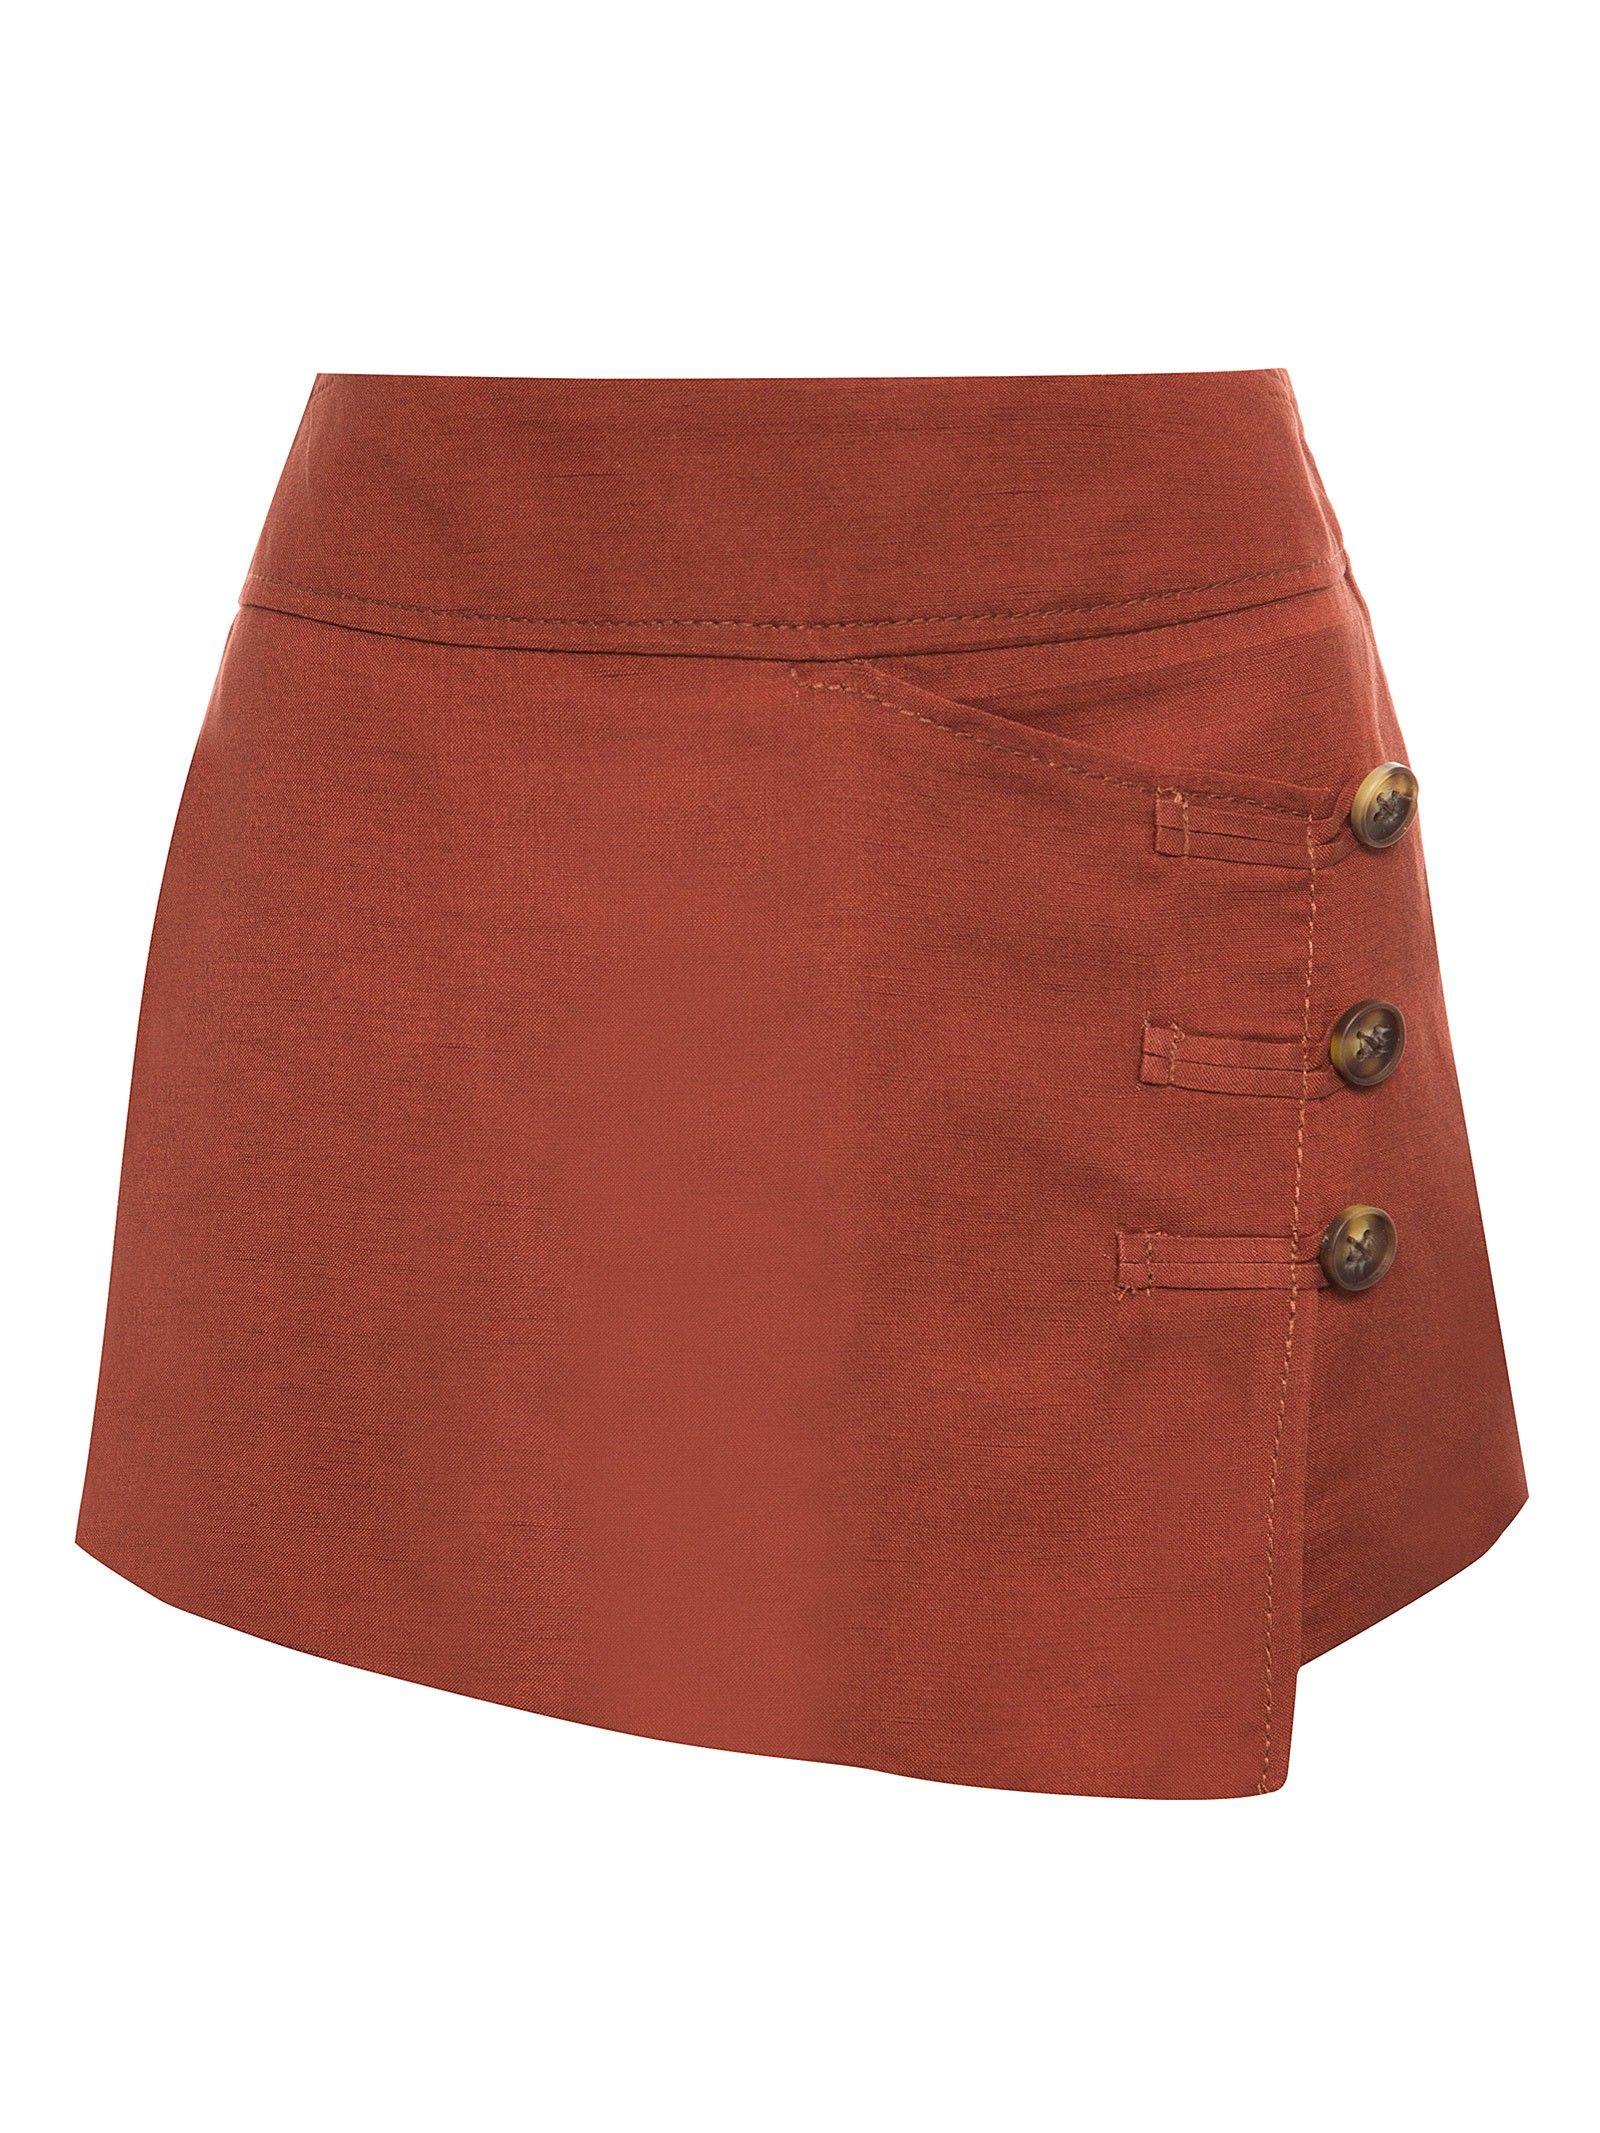 409576977 Modelos de falda chor | ropa | Faldas, Ropa y Falda modelo